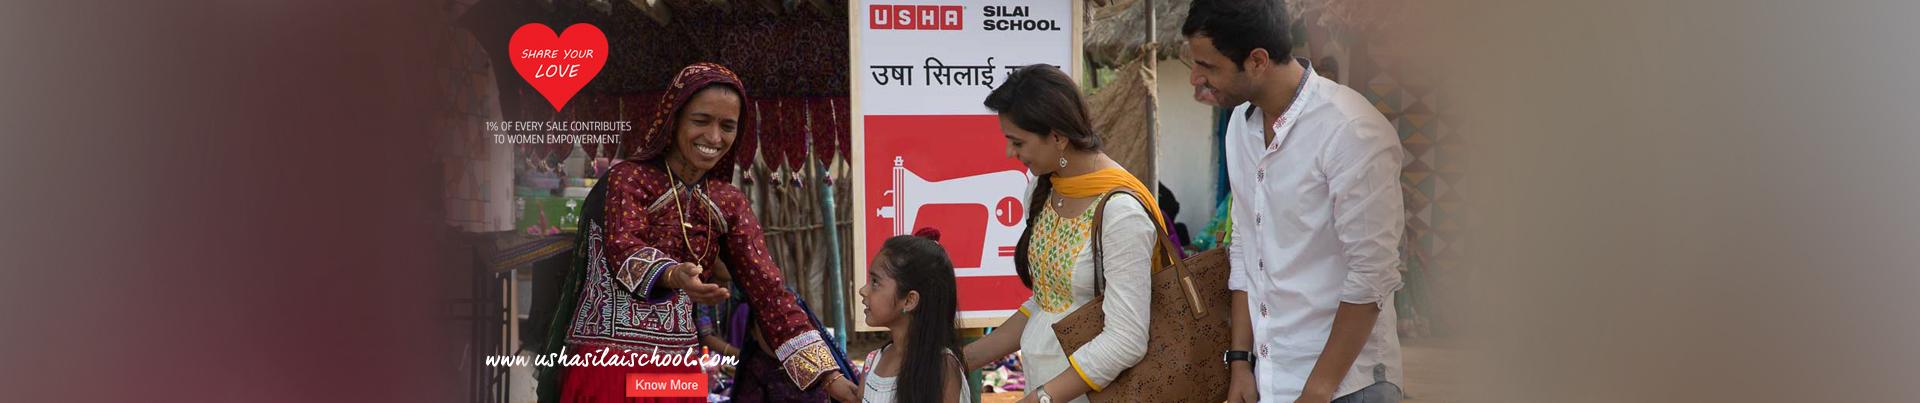 Usha Silai School